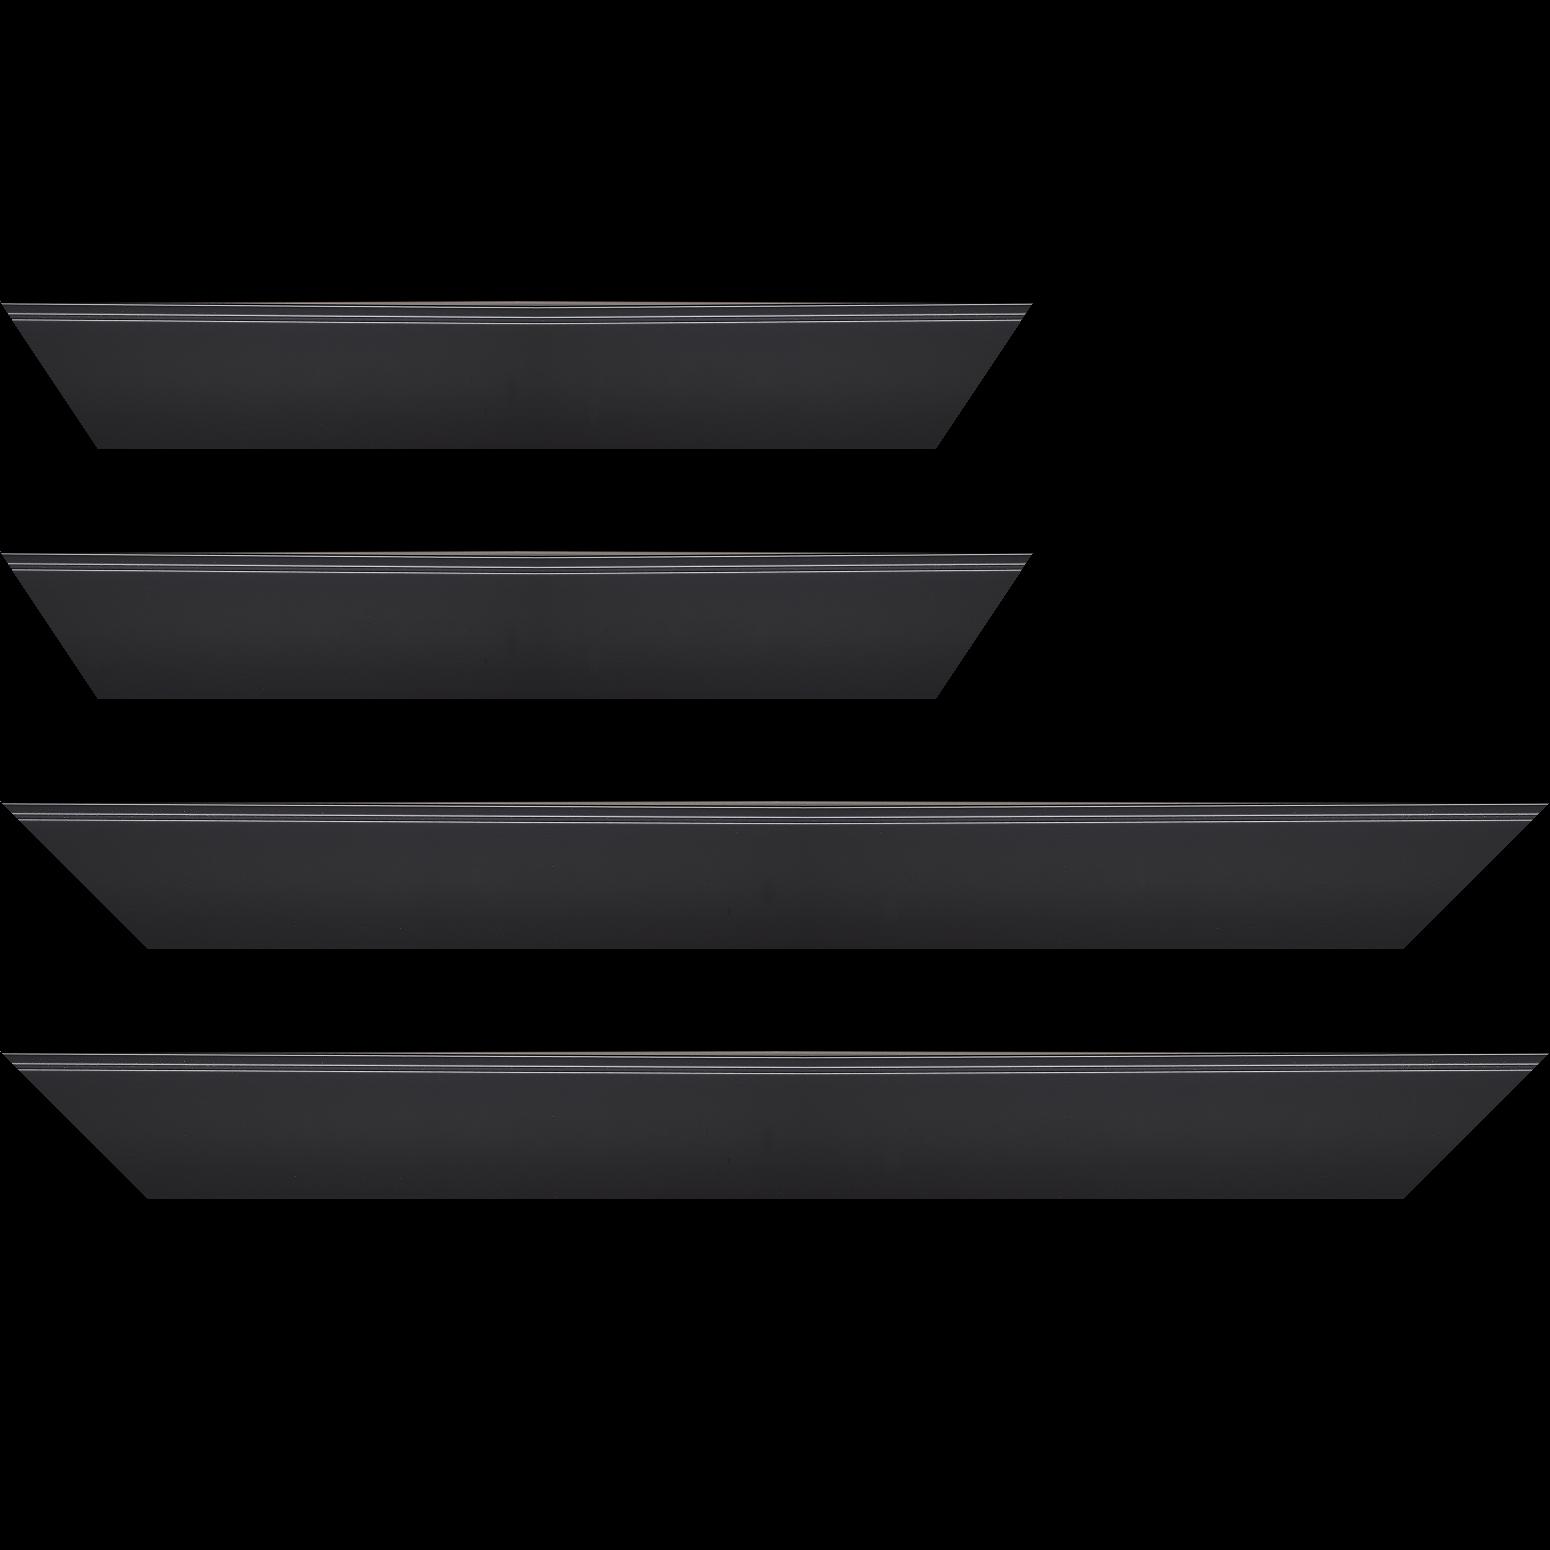 Baguette service précoupé Bois profil en pente méplat largeur 4.8cm couleur noir mat surligné par une gorge extérieure noire : originalité et élégance assurée